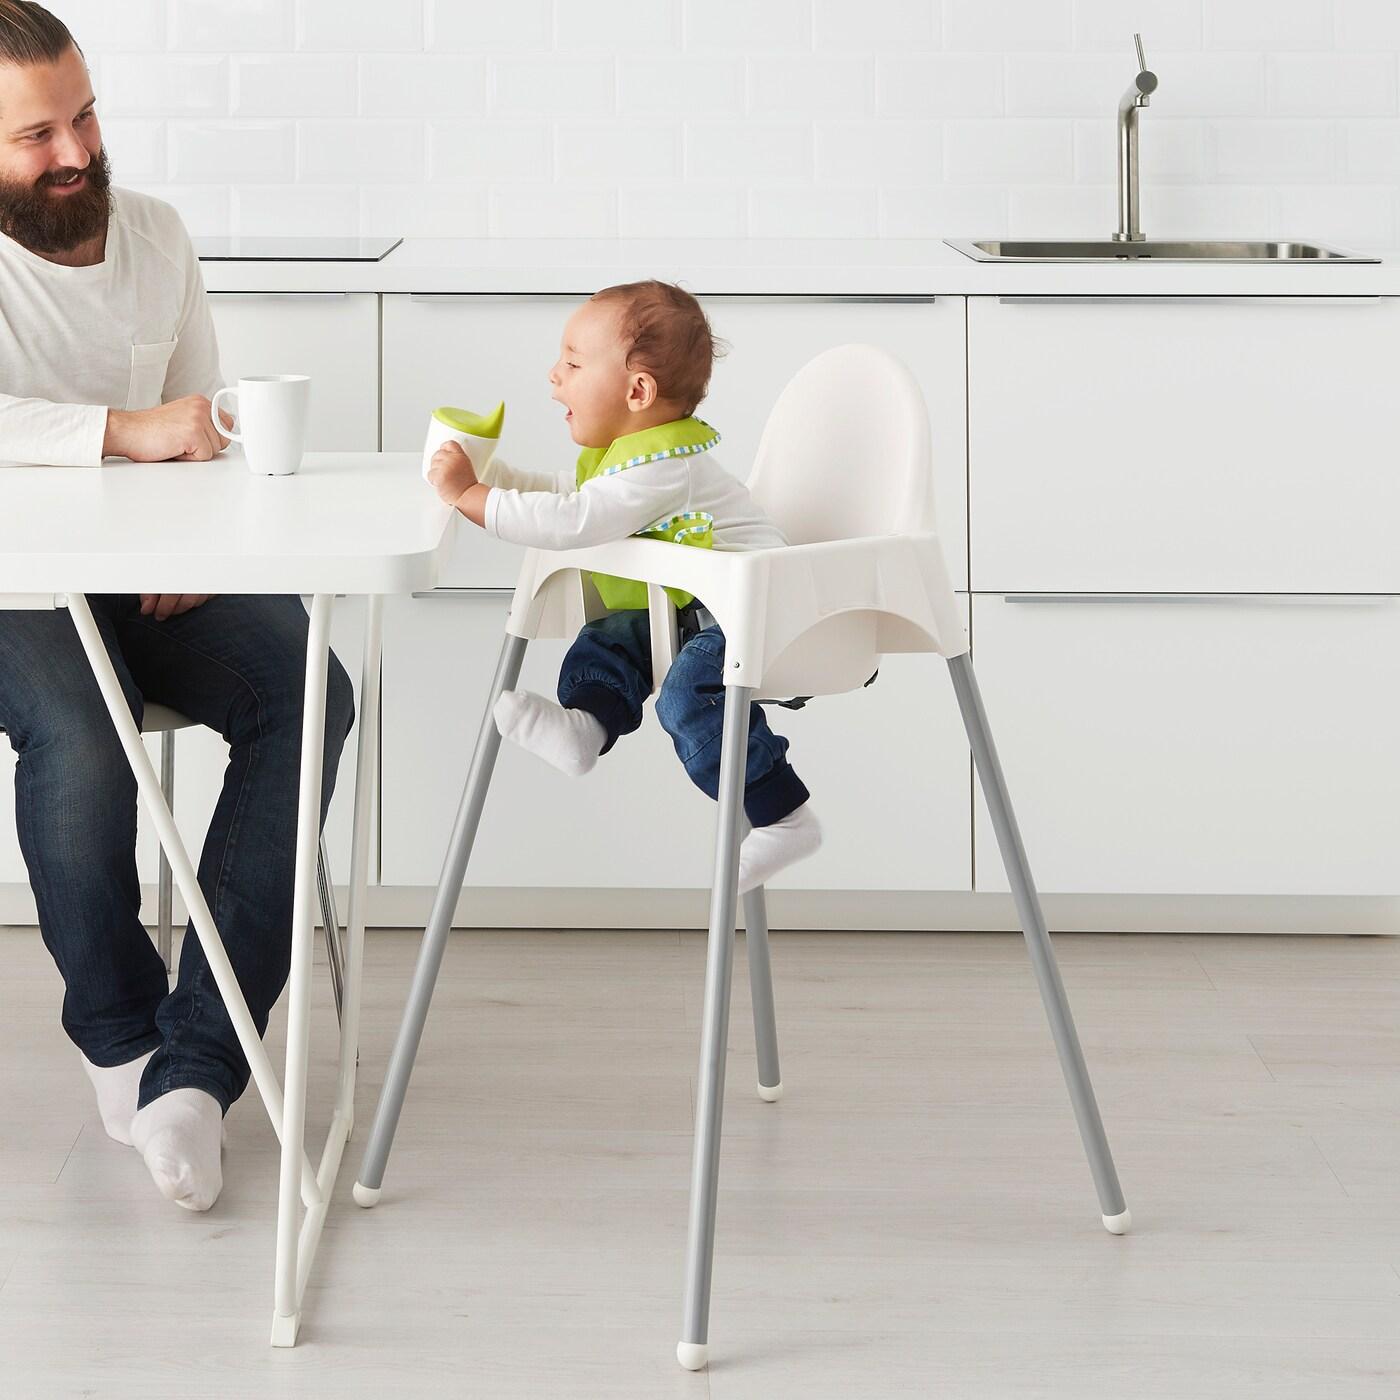 Bebé Trona con Correas De Seguridad /& Juego Bandeja Ikea antilop Trona Bebe